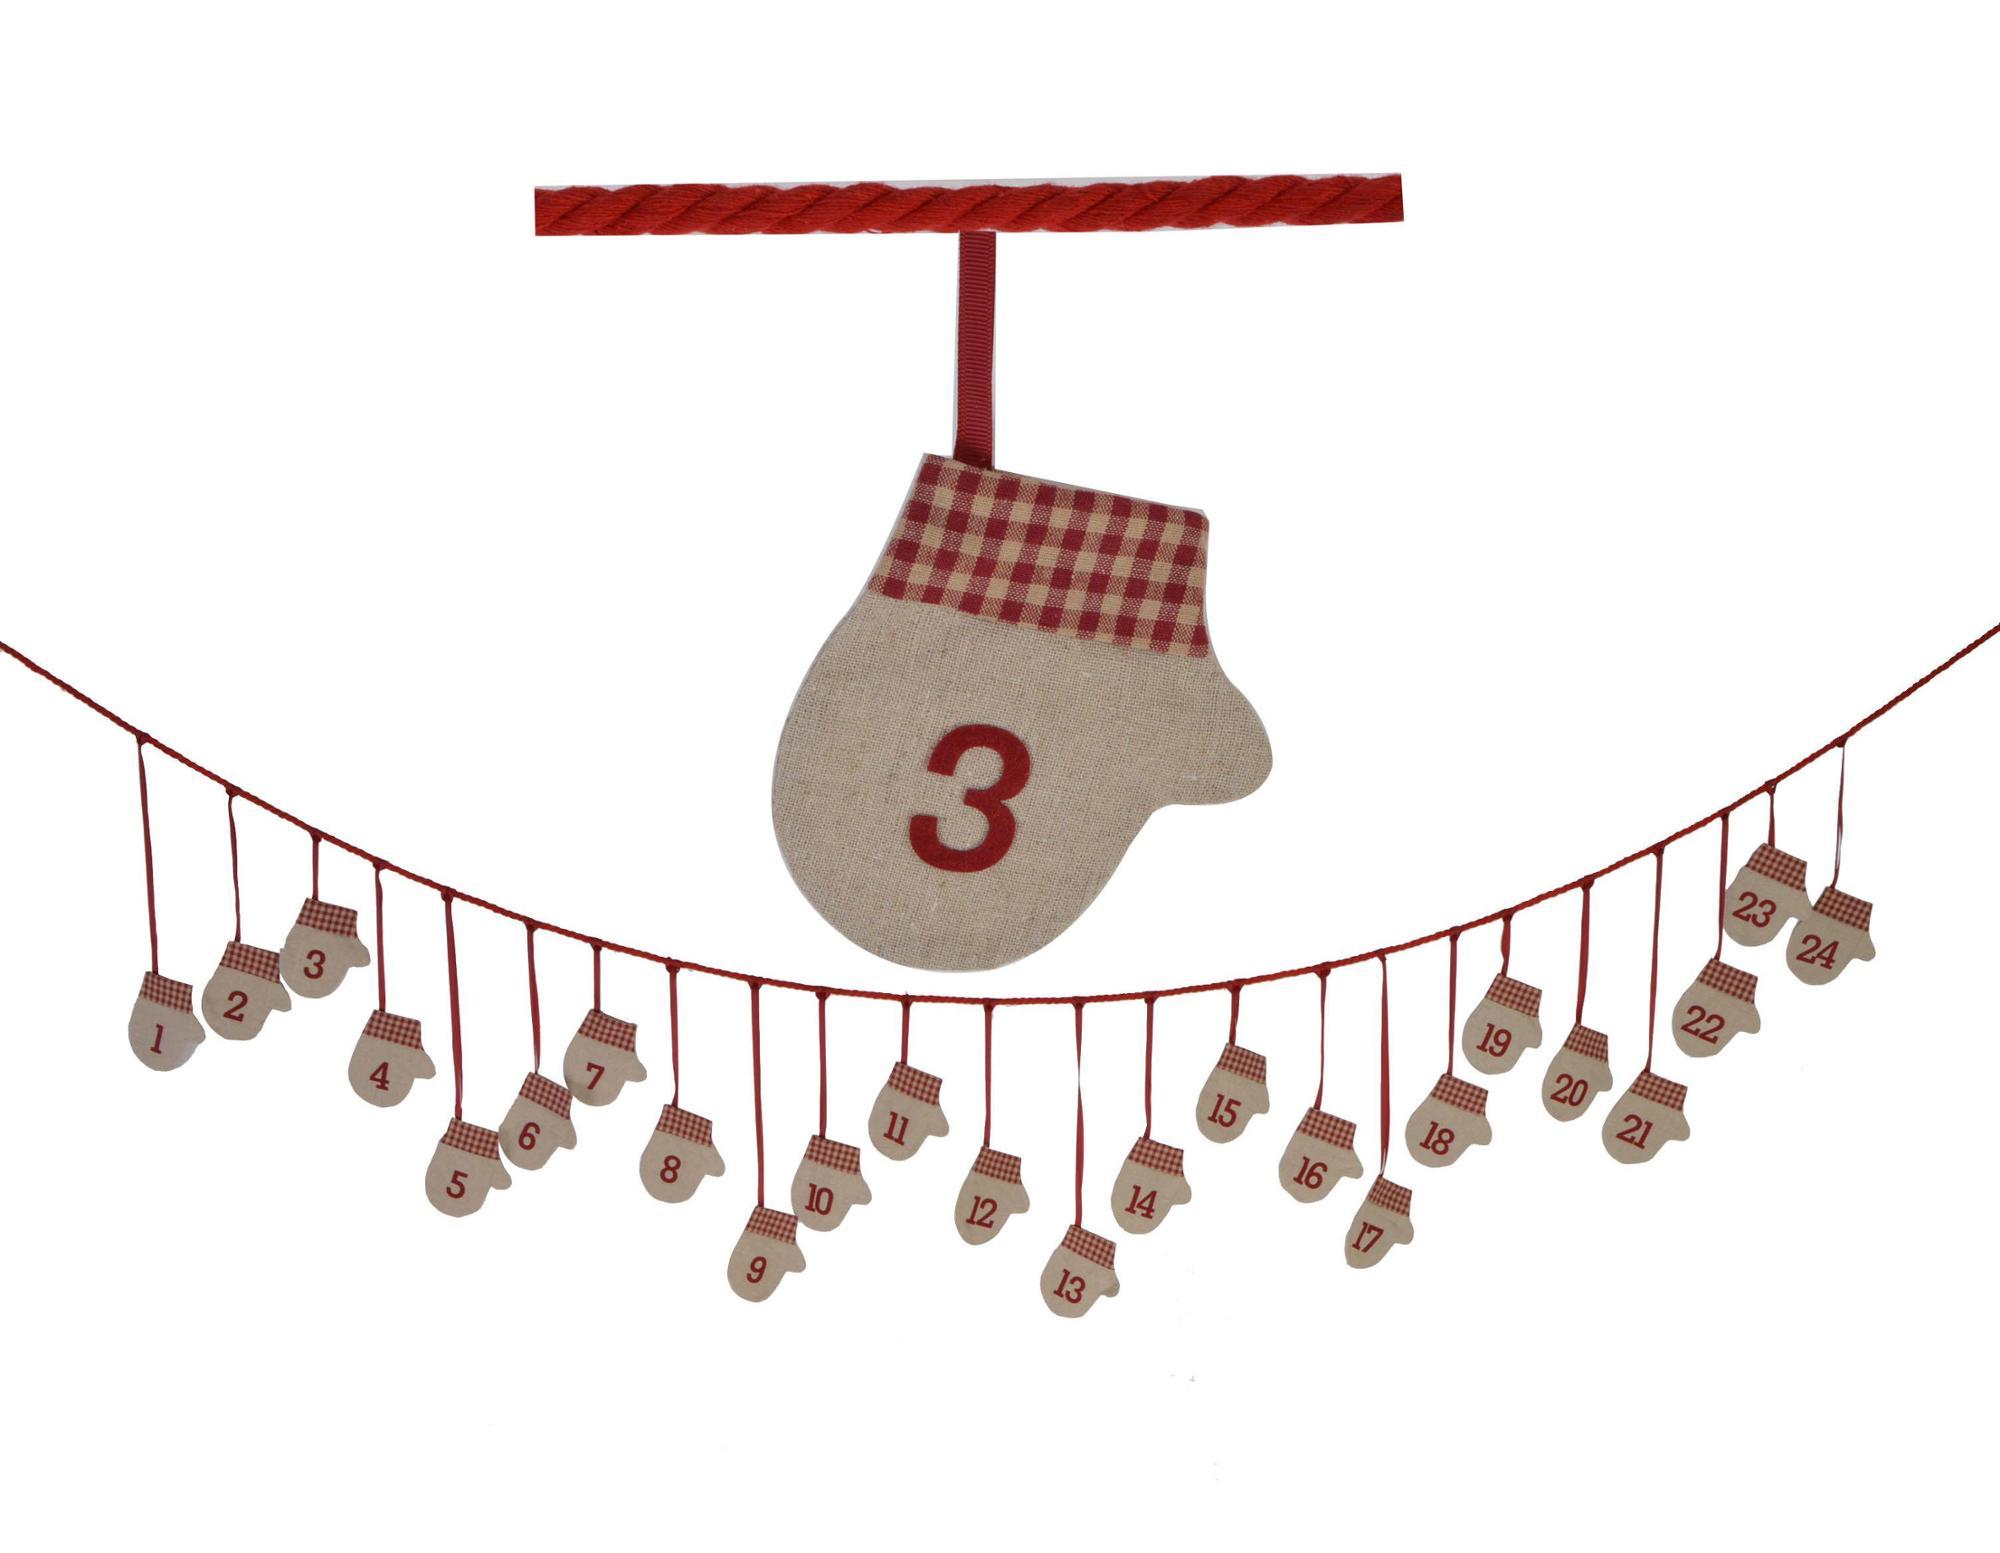 Calendario Conto Alla Rovescia.Tessuto Feltro Guanti Di Natale Conto Alla Rovescia Avvento Calendario Ghirlanda Di Natale Decorazioni Per La Casa Buy Natale Conto Alla Rovescia